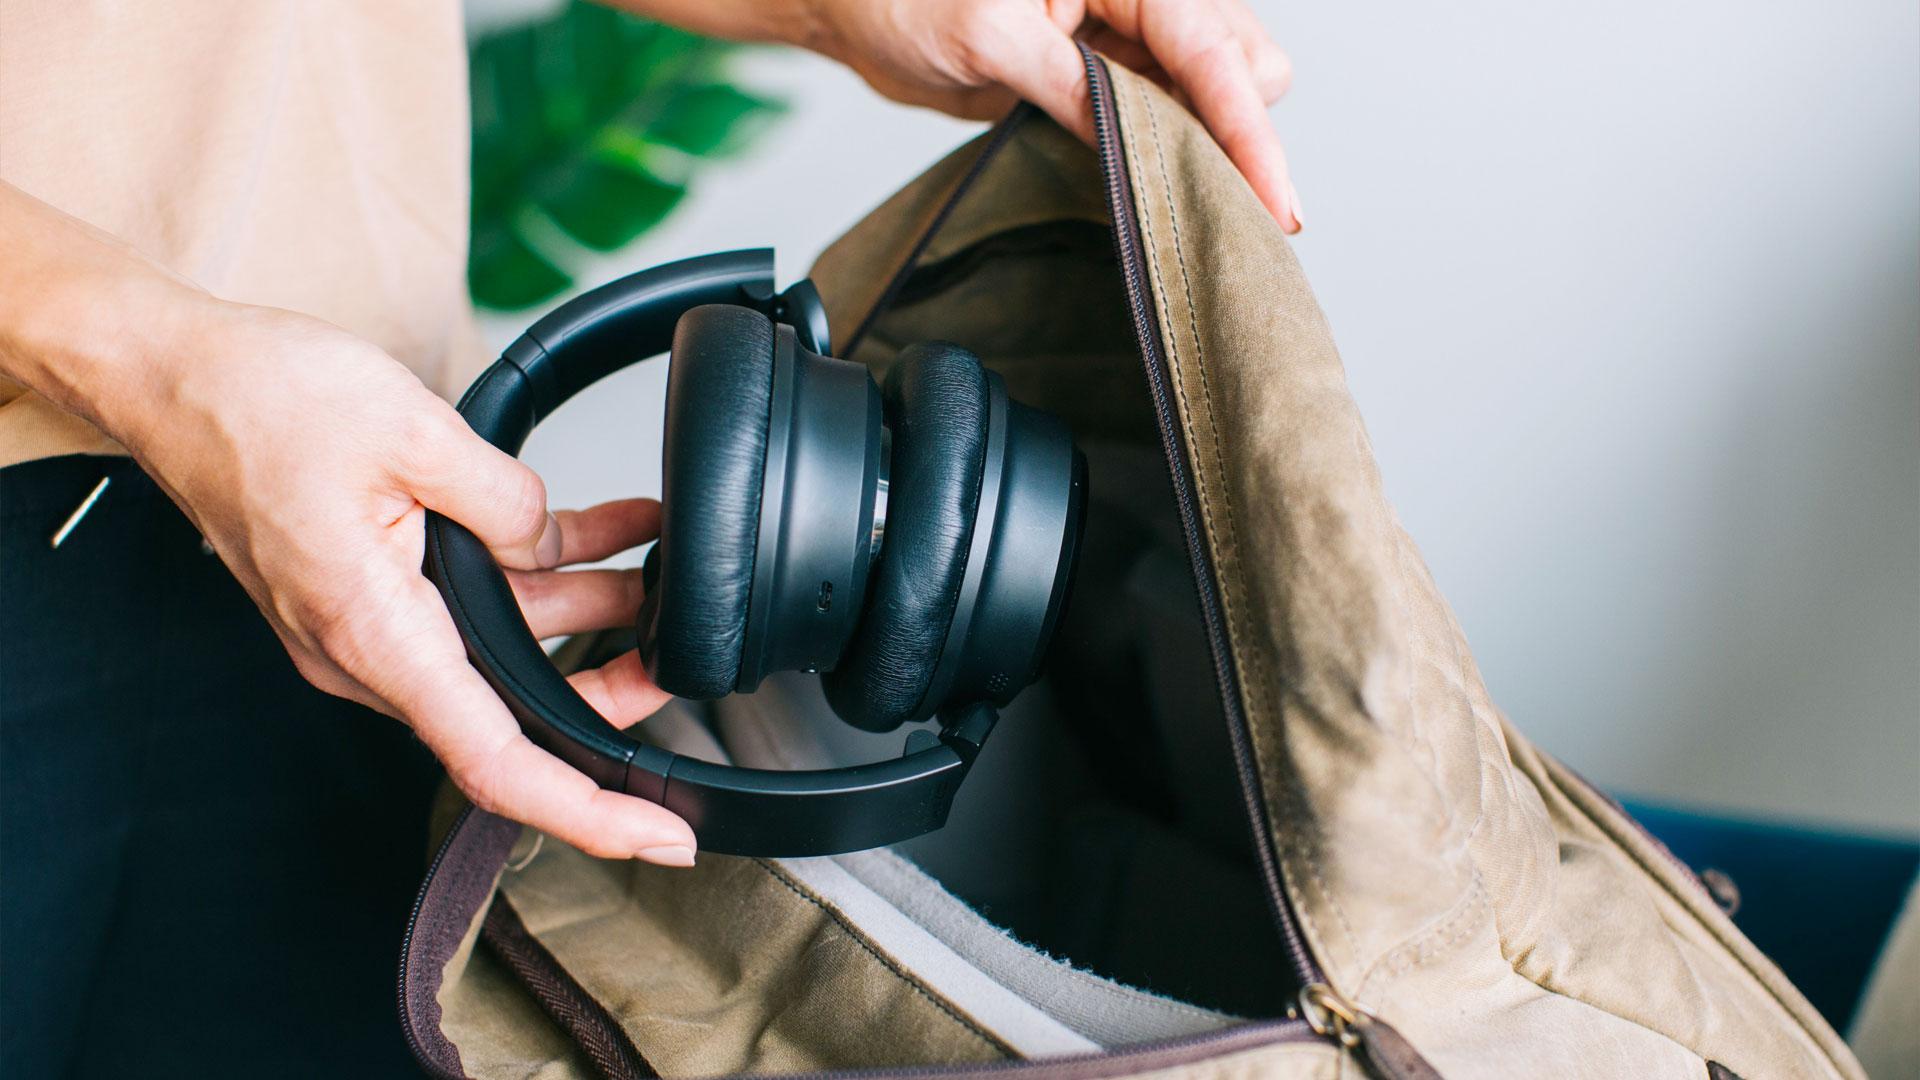 Wyze ANC Headphones